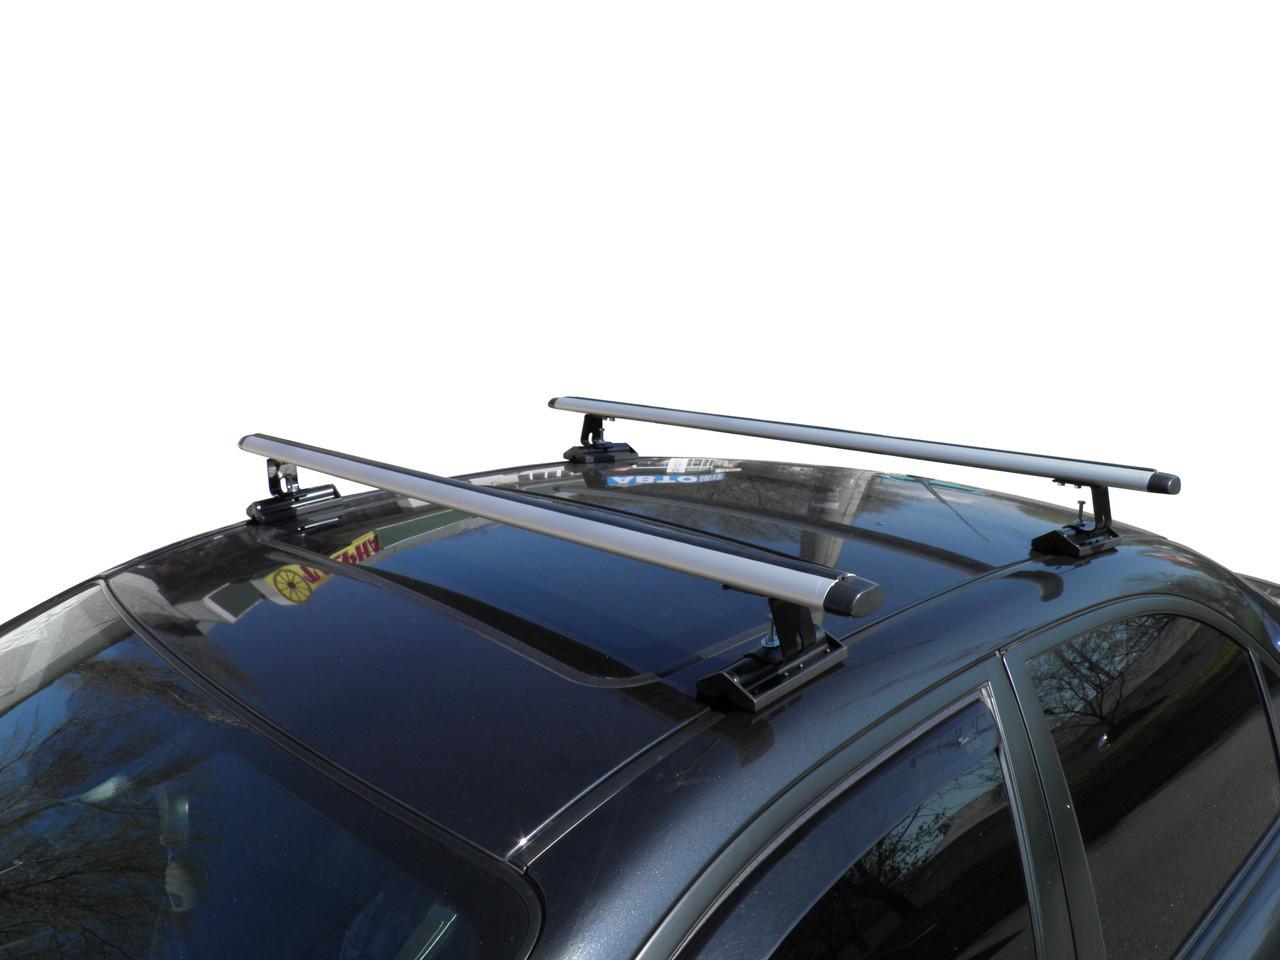 Кенгуру Комби (Combi) Аэро 130см - универсальный багажник на крышу для авто со штатными местами